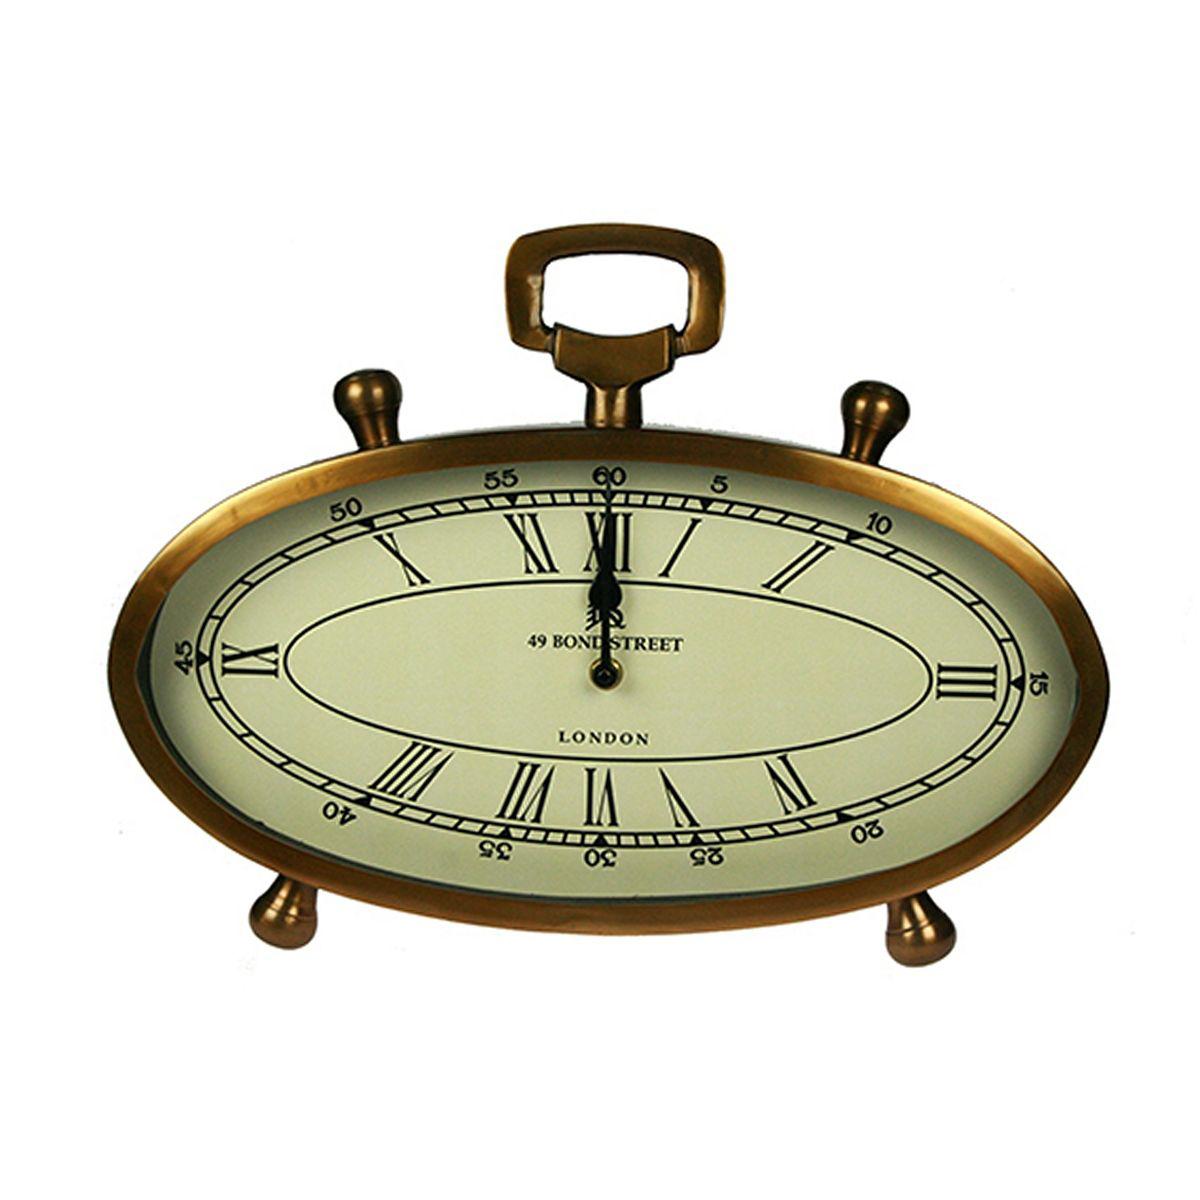 Часы настольные Русские Подарки, 40 х 8 х 30 см. 3583635836Настольные кварцевые часы Русские Подарки изготовлены из металла, циферблат защищен стеклом. Часы имеют две стрелки - часовую и минутную. Такие часы красиво и необычно оформят интерьер дома или рабочий стол в офисе. Также часы могут стать уникальным, полезным подарком для родственников, коллег, знакомых и близких.